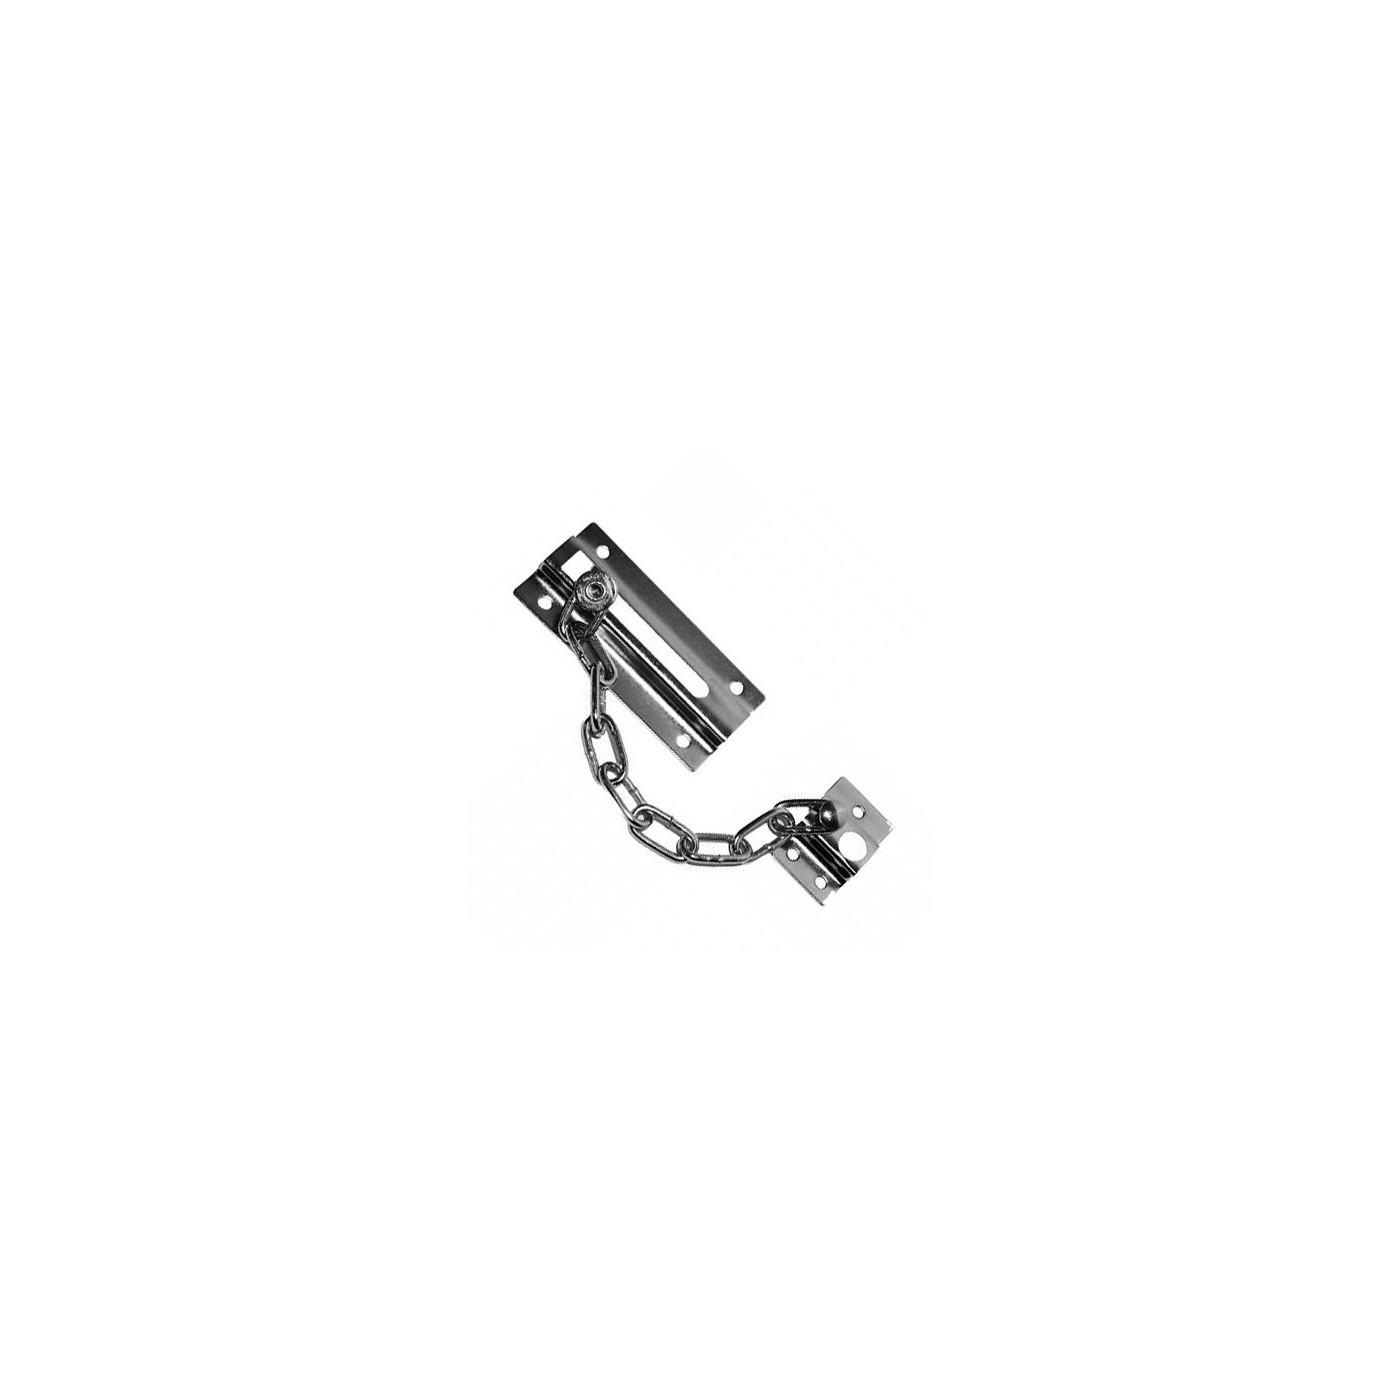 Serrure de porte à chaîne en métal